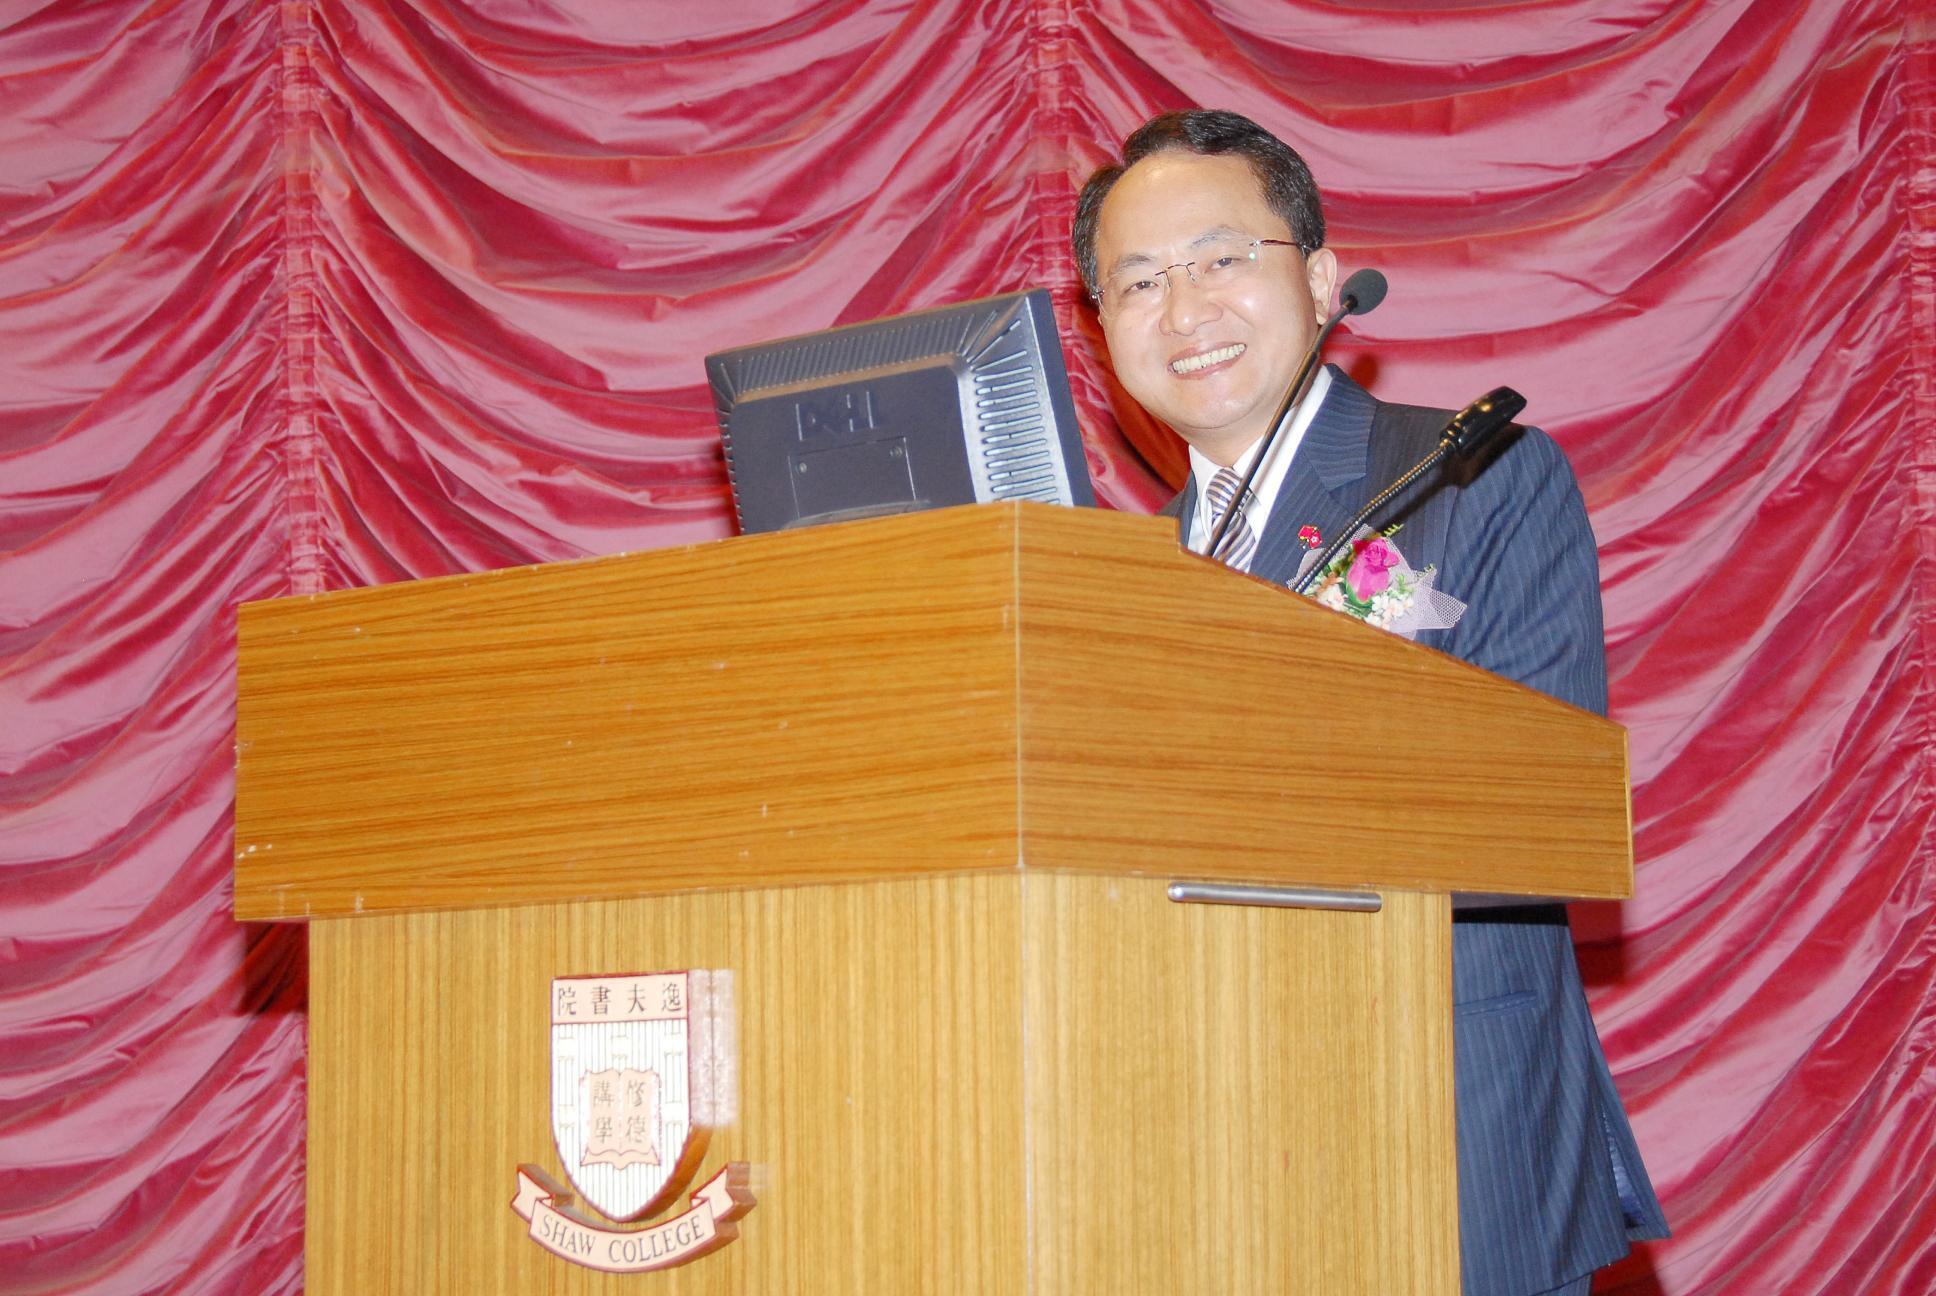 中央人民政府駐香港特別行政區聯絡辦公室副秘書長兼青年工作部部長王志民先生於歡迎儀式致詞。